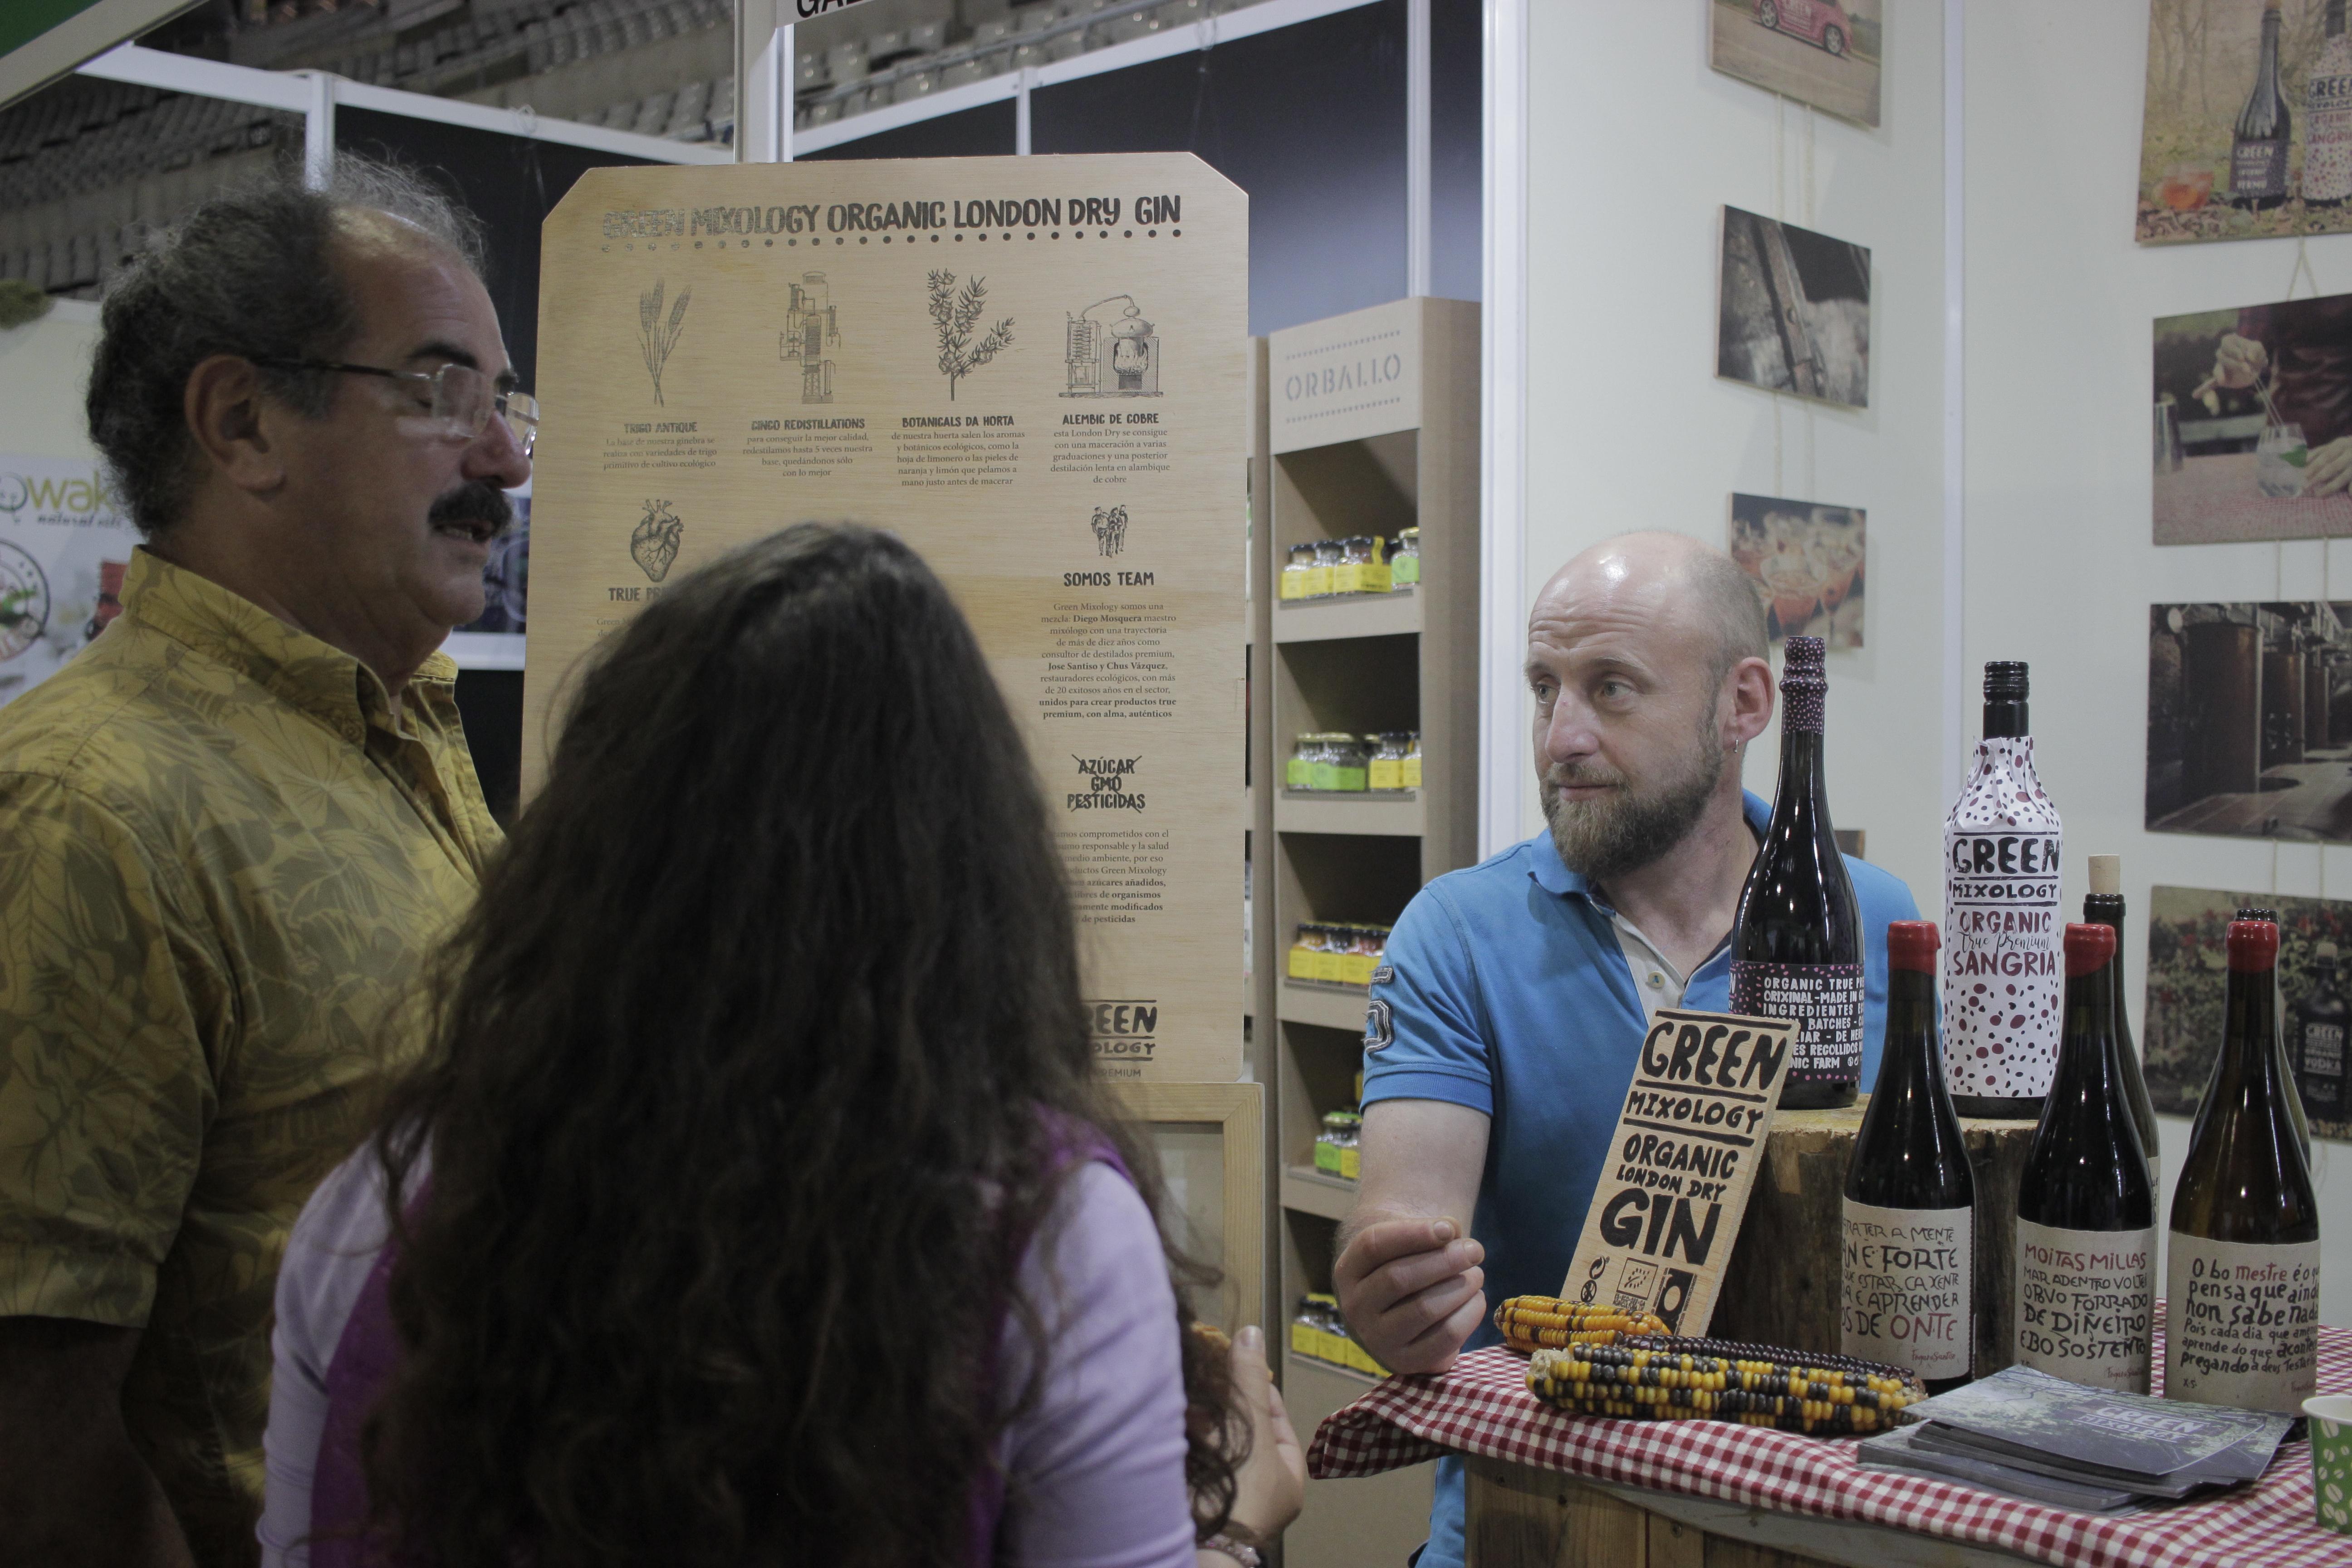 expositor vino ecologico